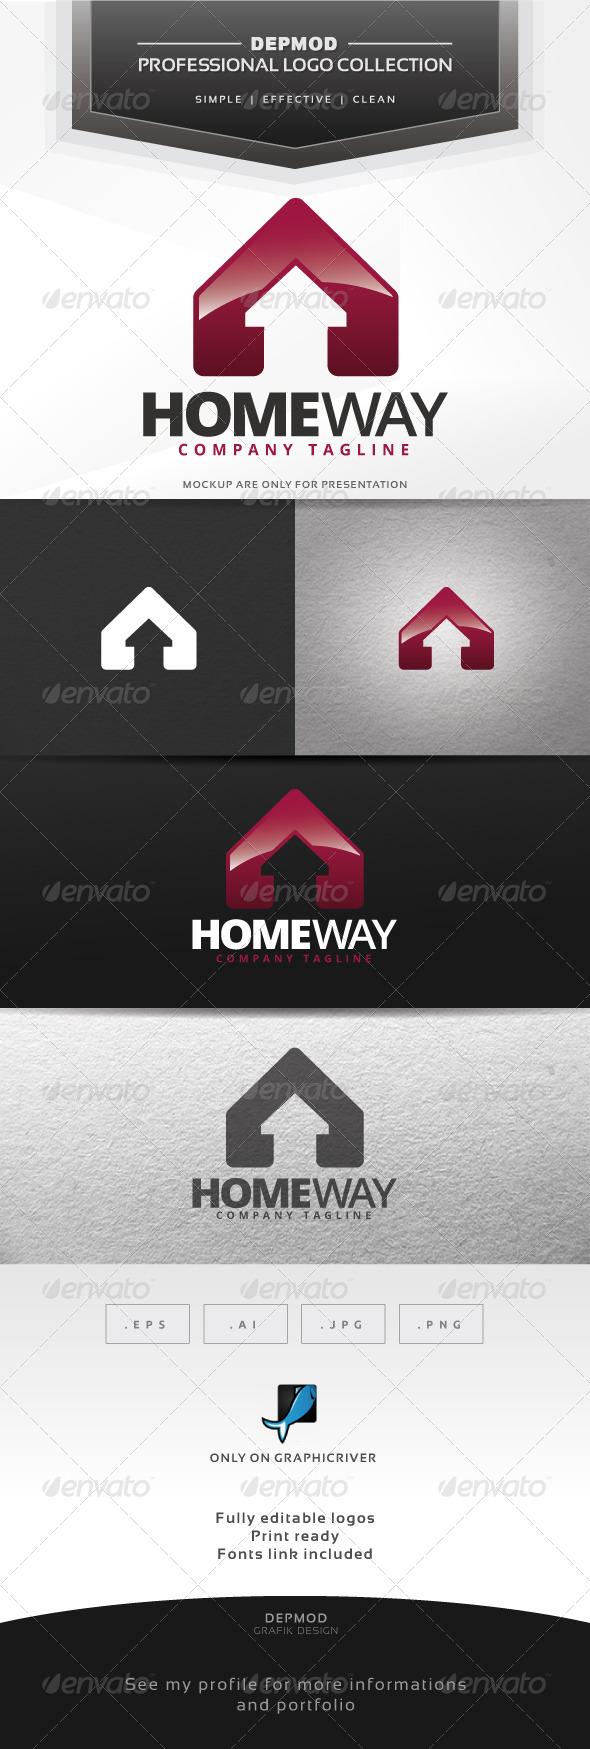 home-way